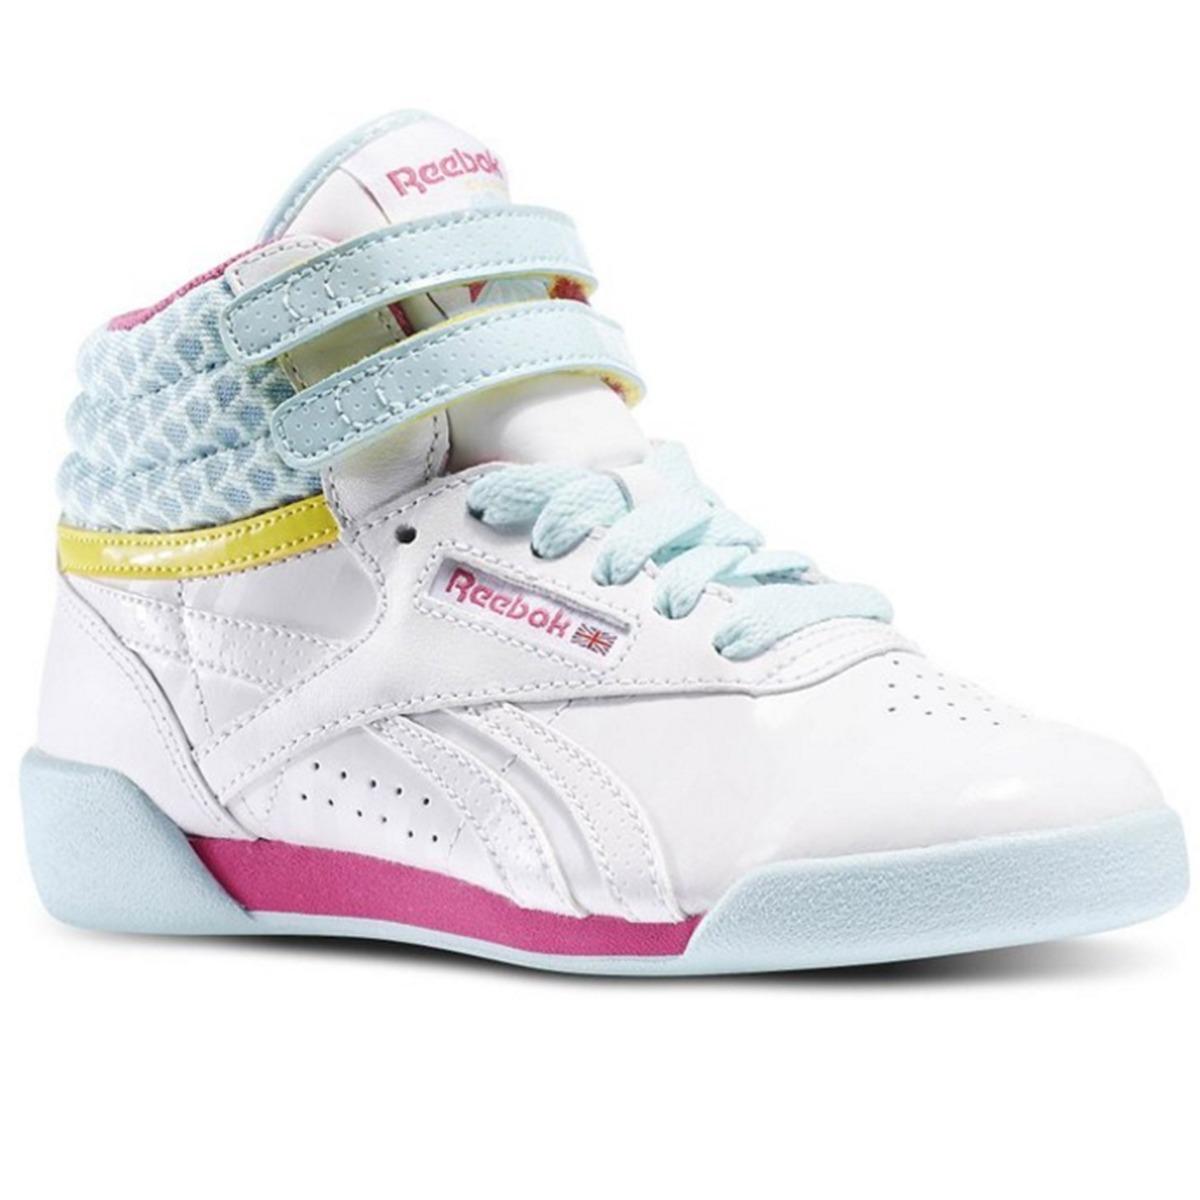 ff88a28151b Fs 649 Para Casuales V63071 Niña Hi Classic 00 Tenis En Reebok 1pwPP ...